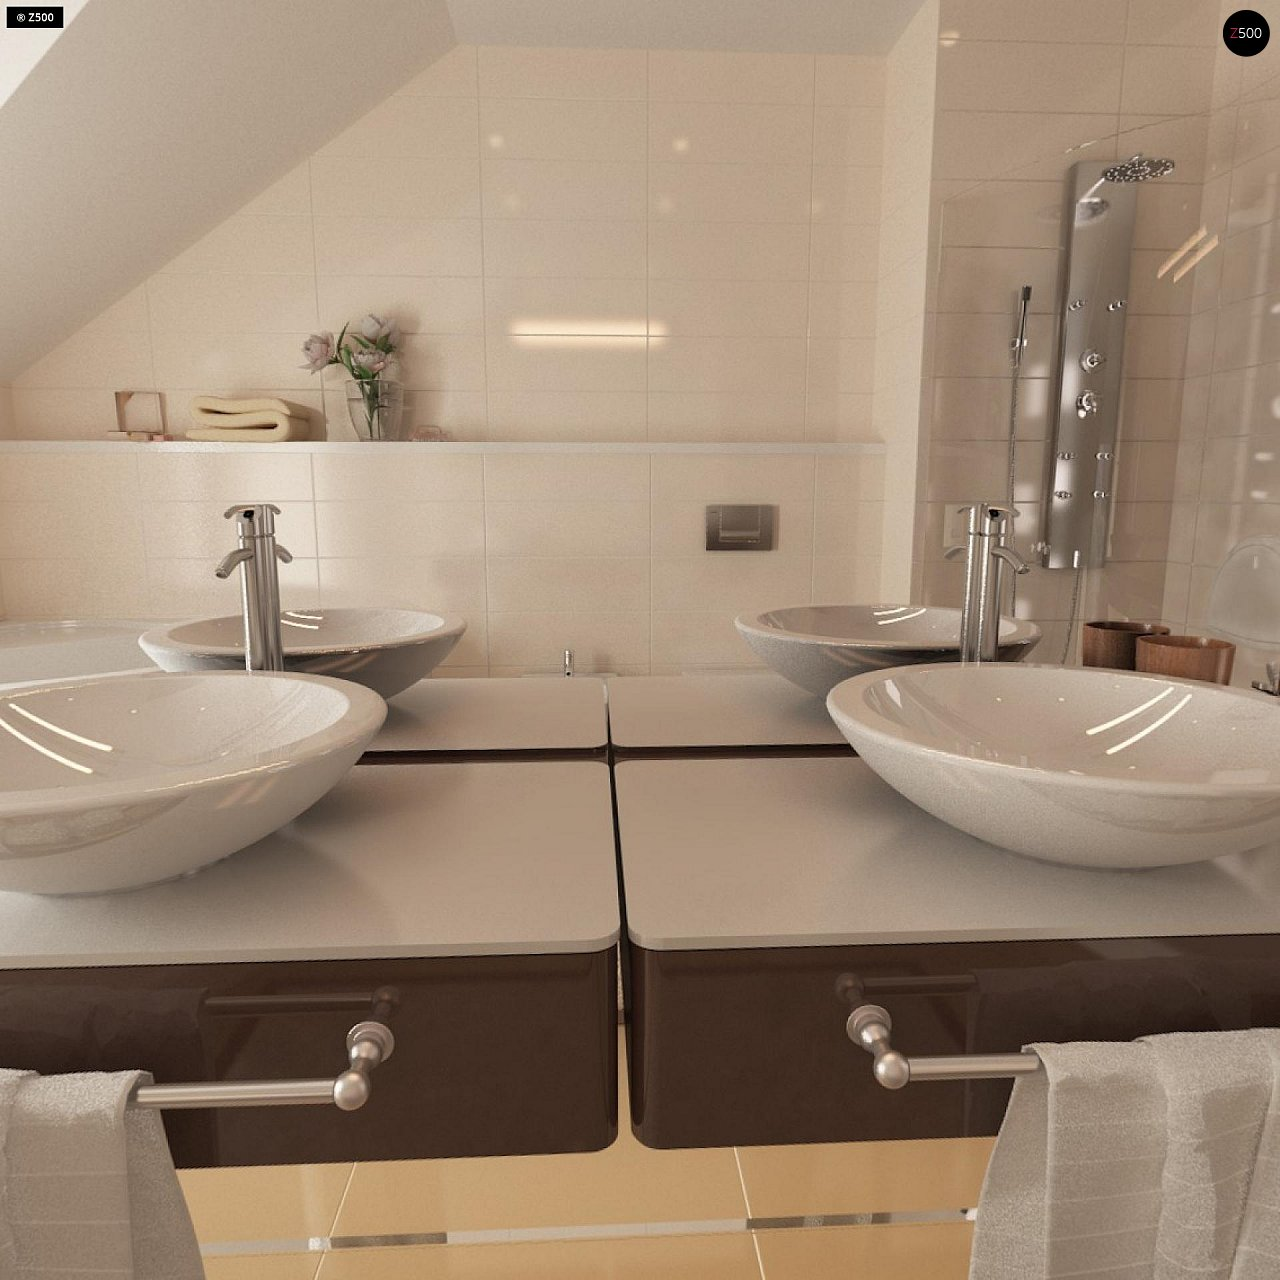 Проект стильного, функционального и недорогого двухсемейного дома. 17